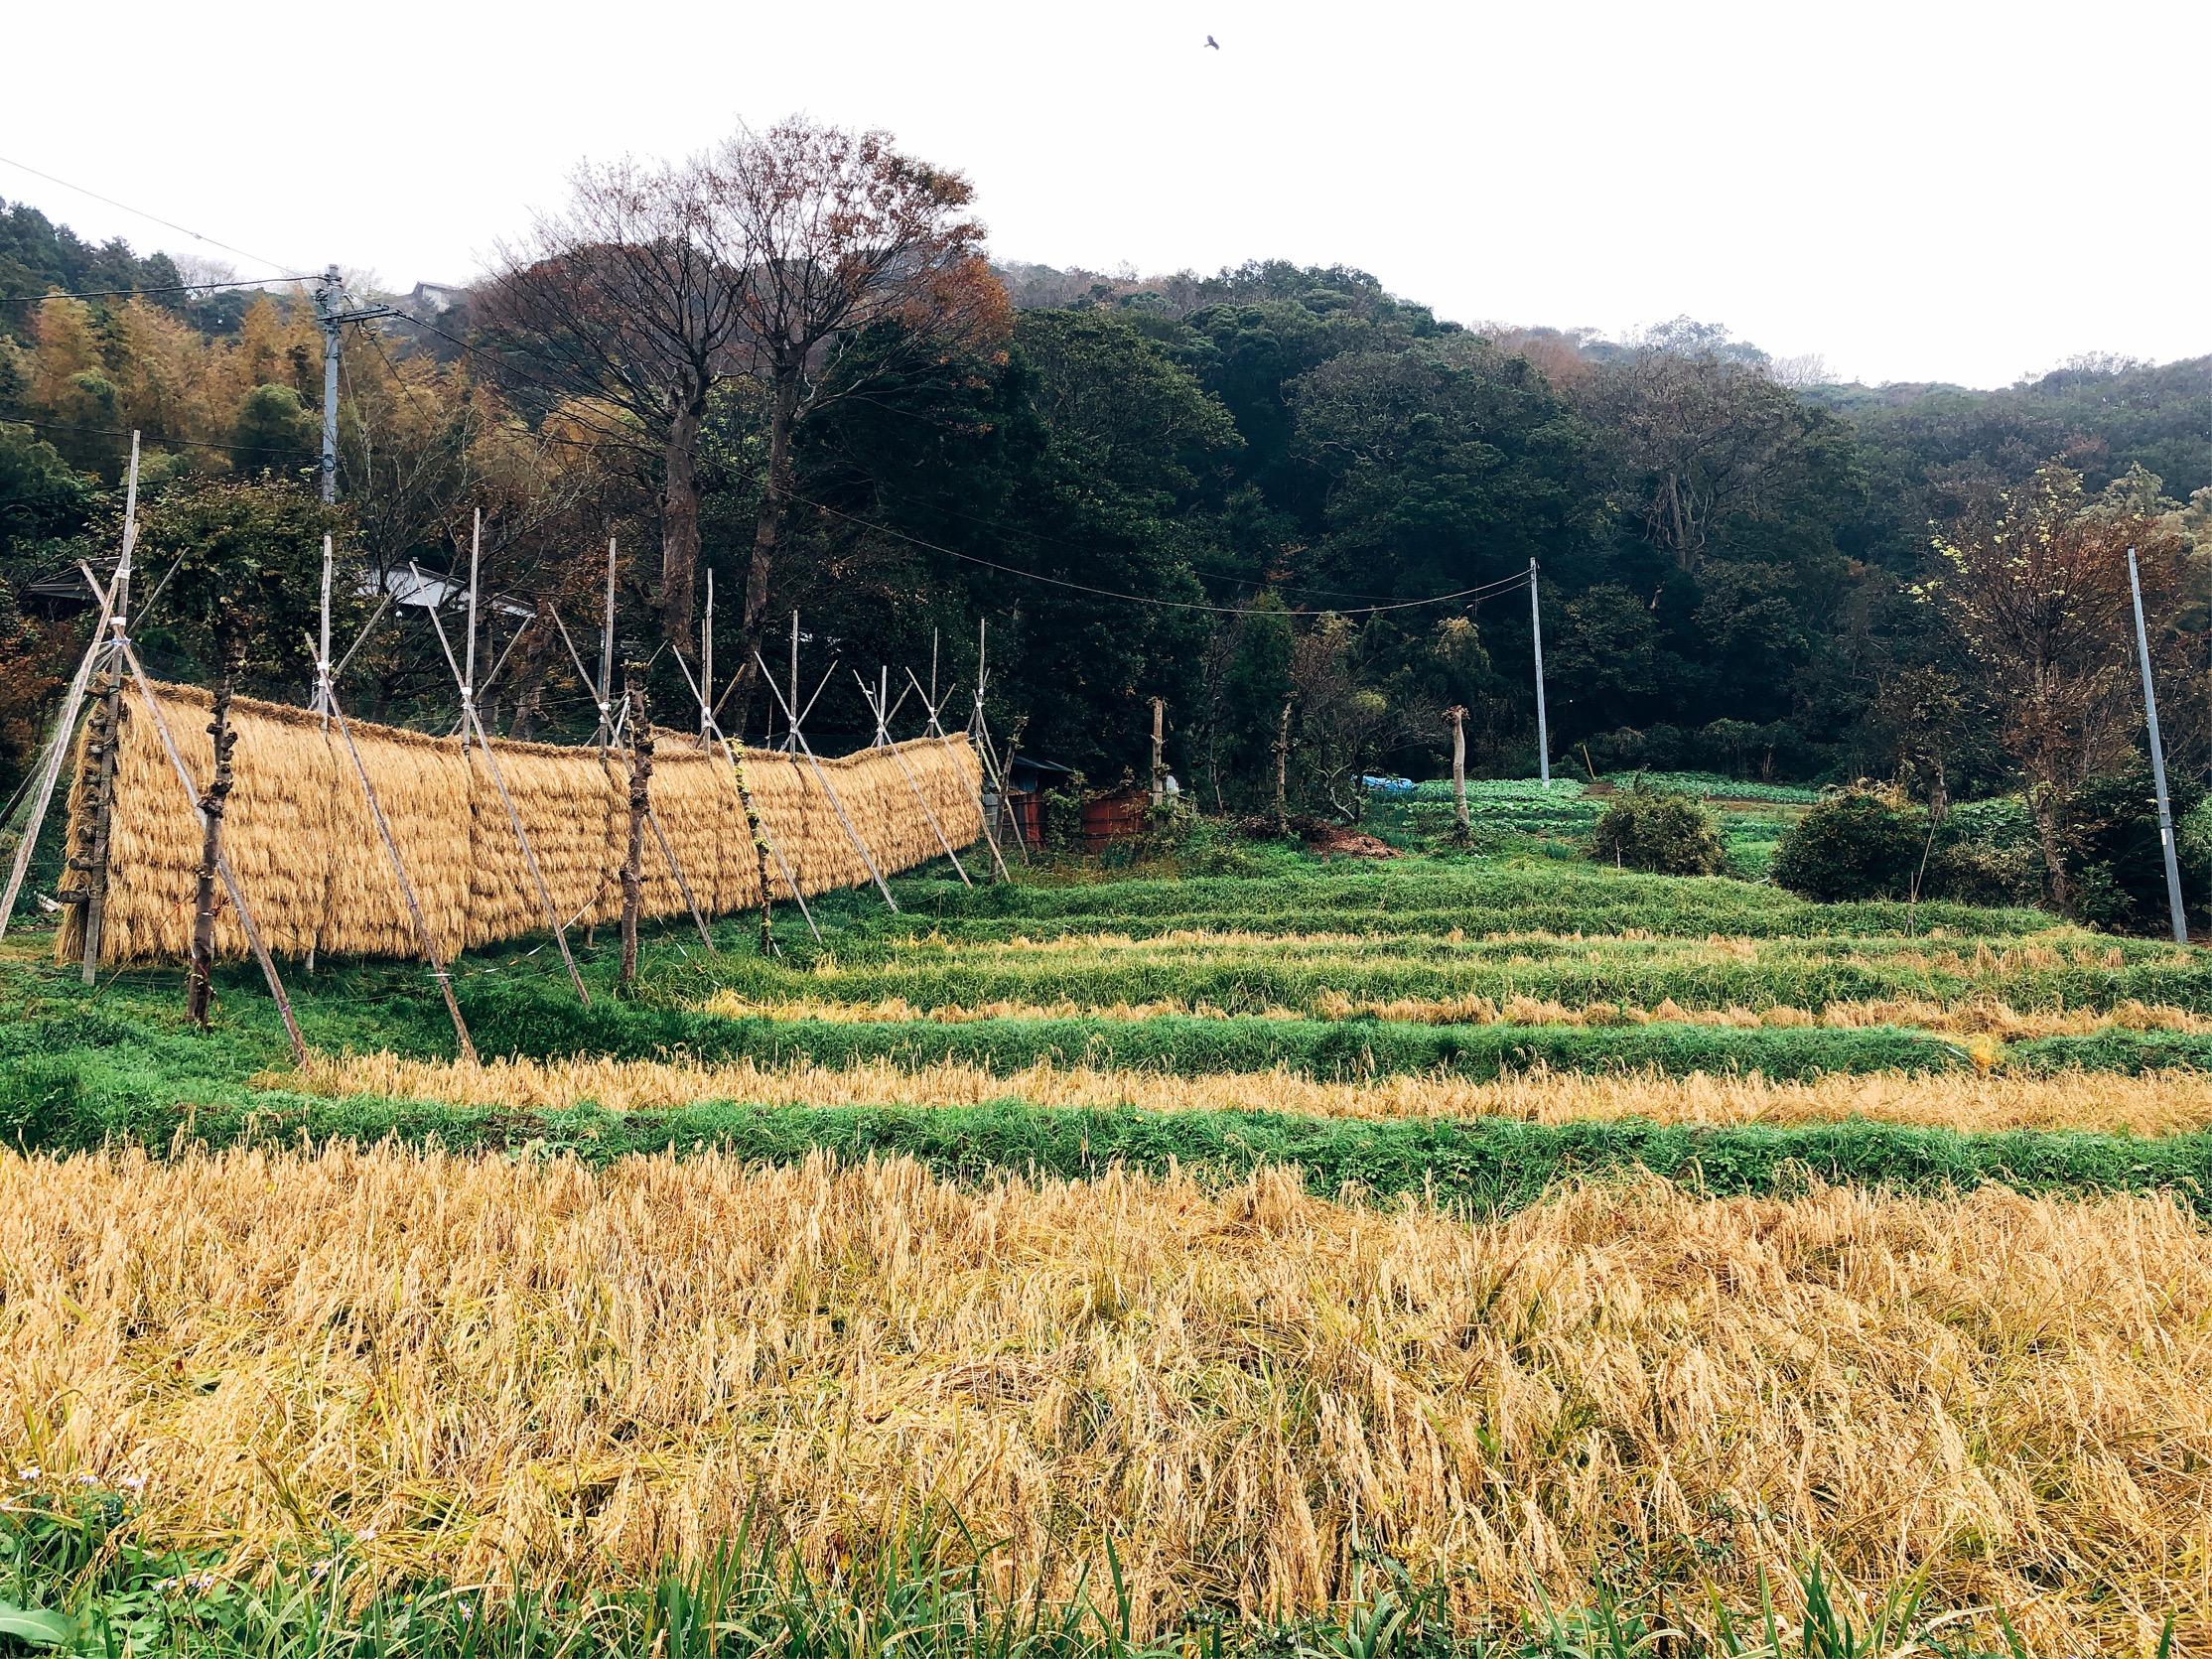 葉山で見つけた、稲干し。秋ならではの風景に魅了される